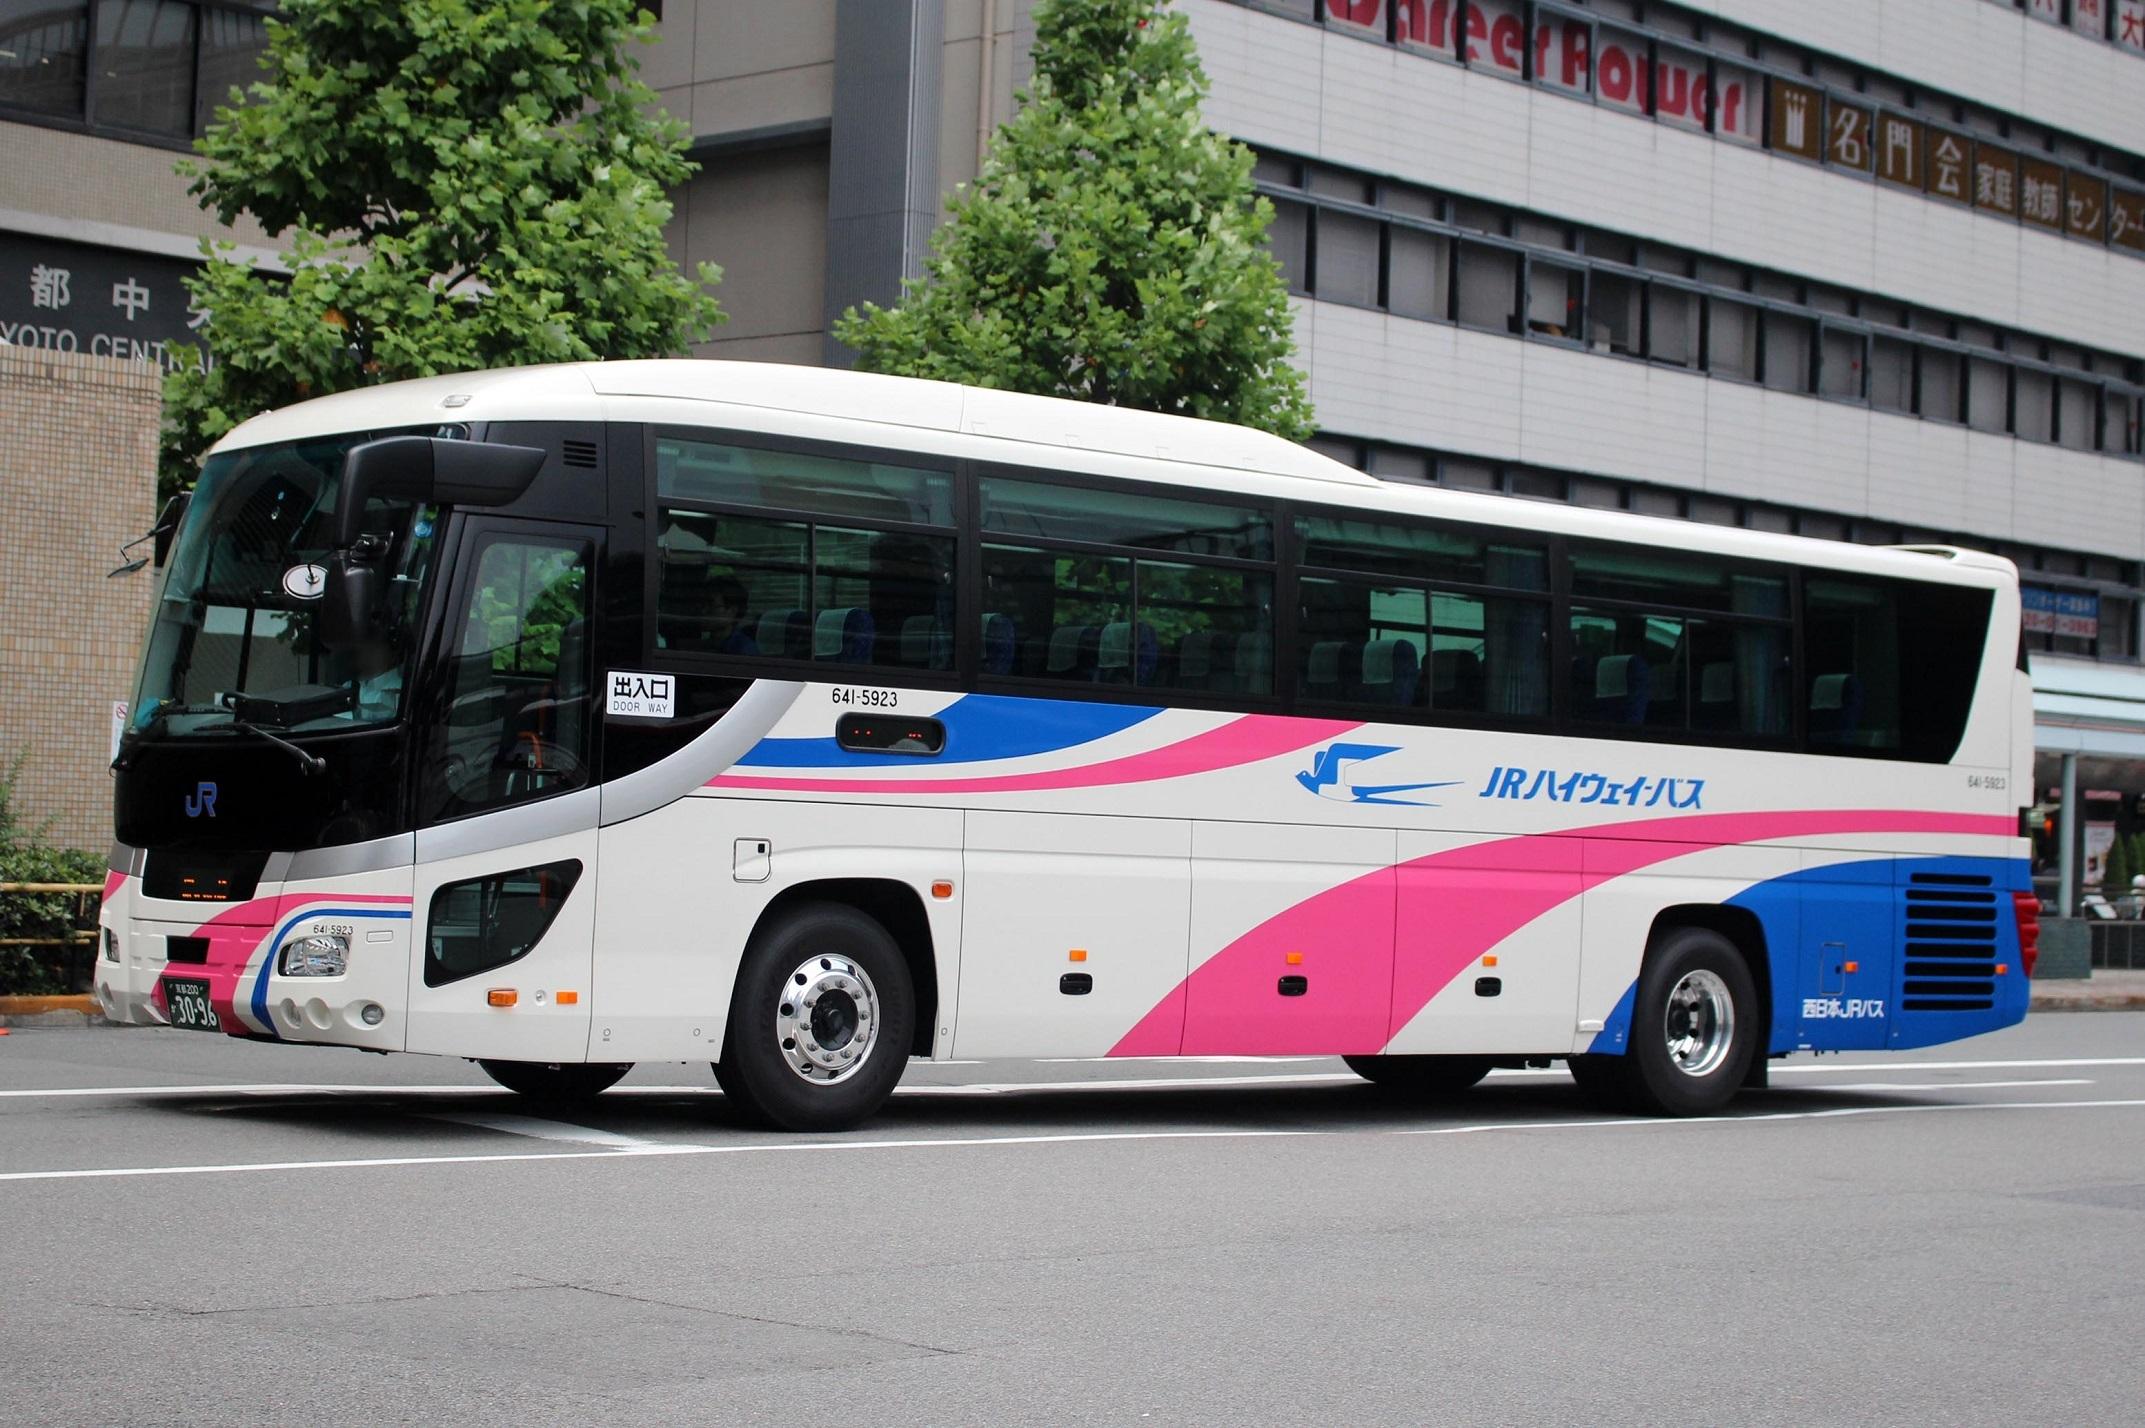 西日本JRバス 641-5923